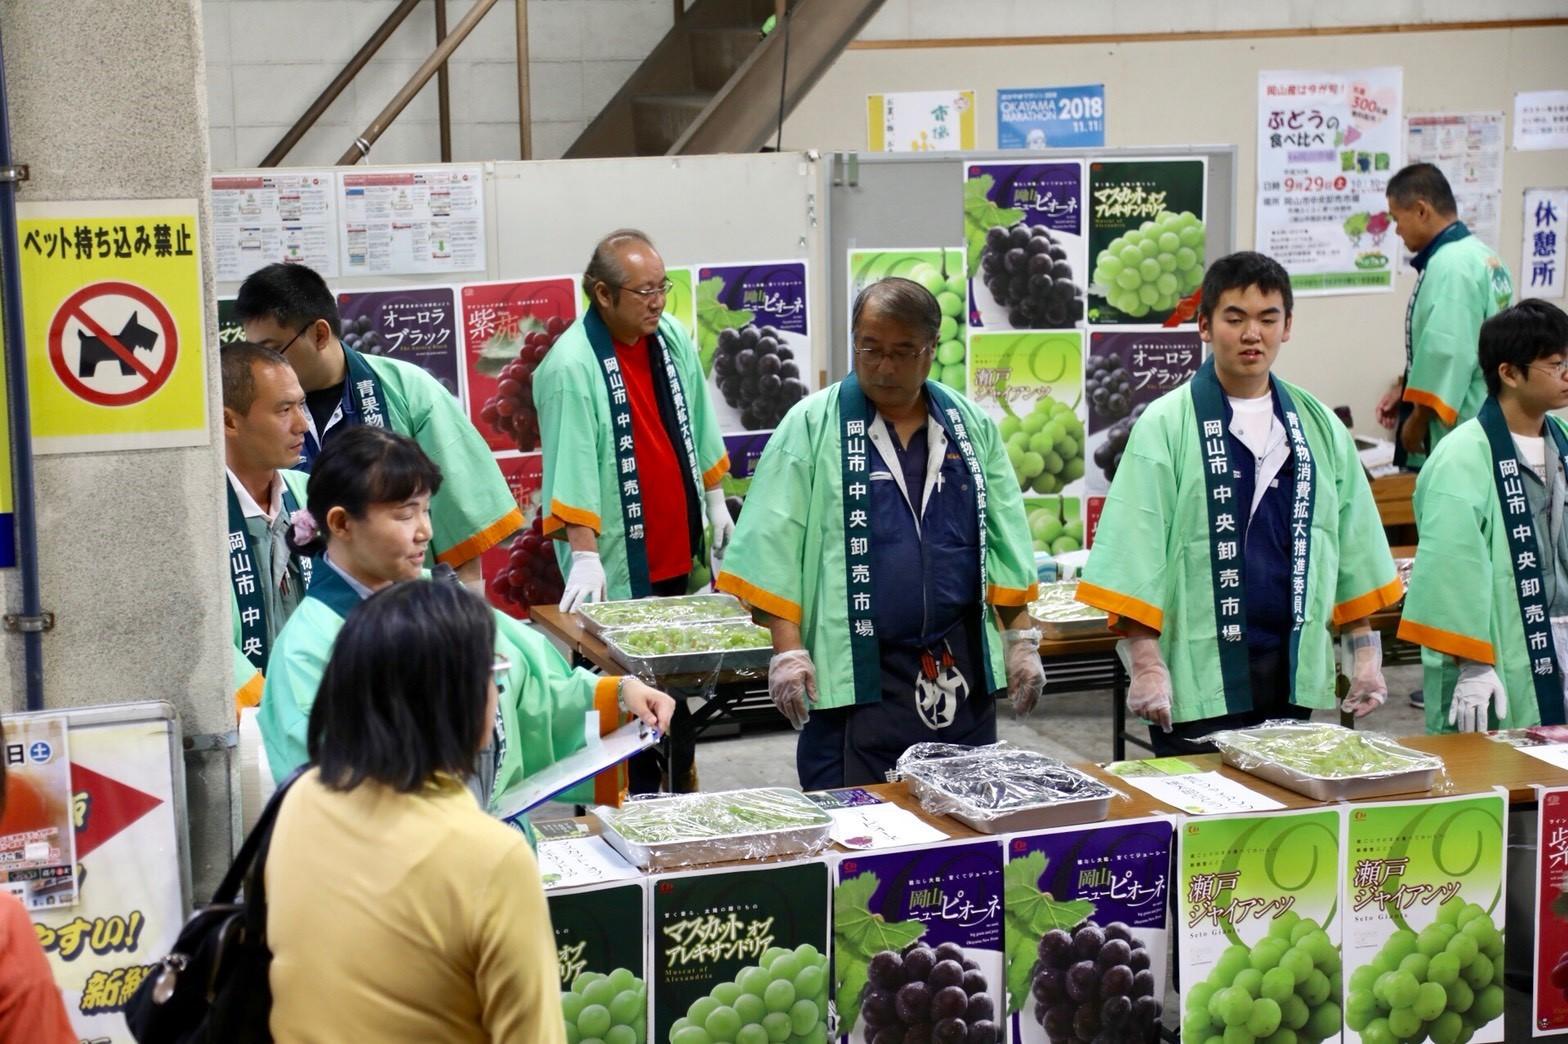 岡山県産 ぶどうの食べ比べ 結果発表_b0171839_12033150.jpg